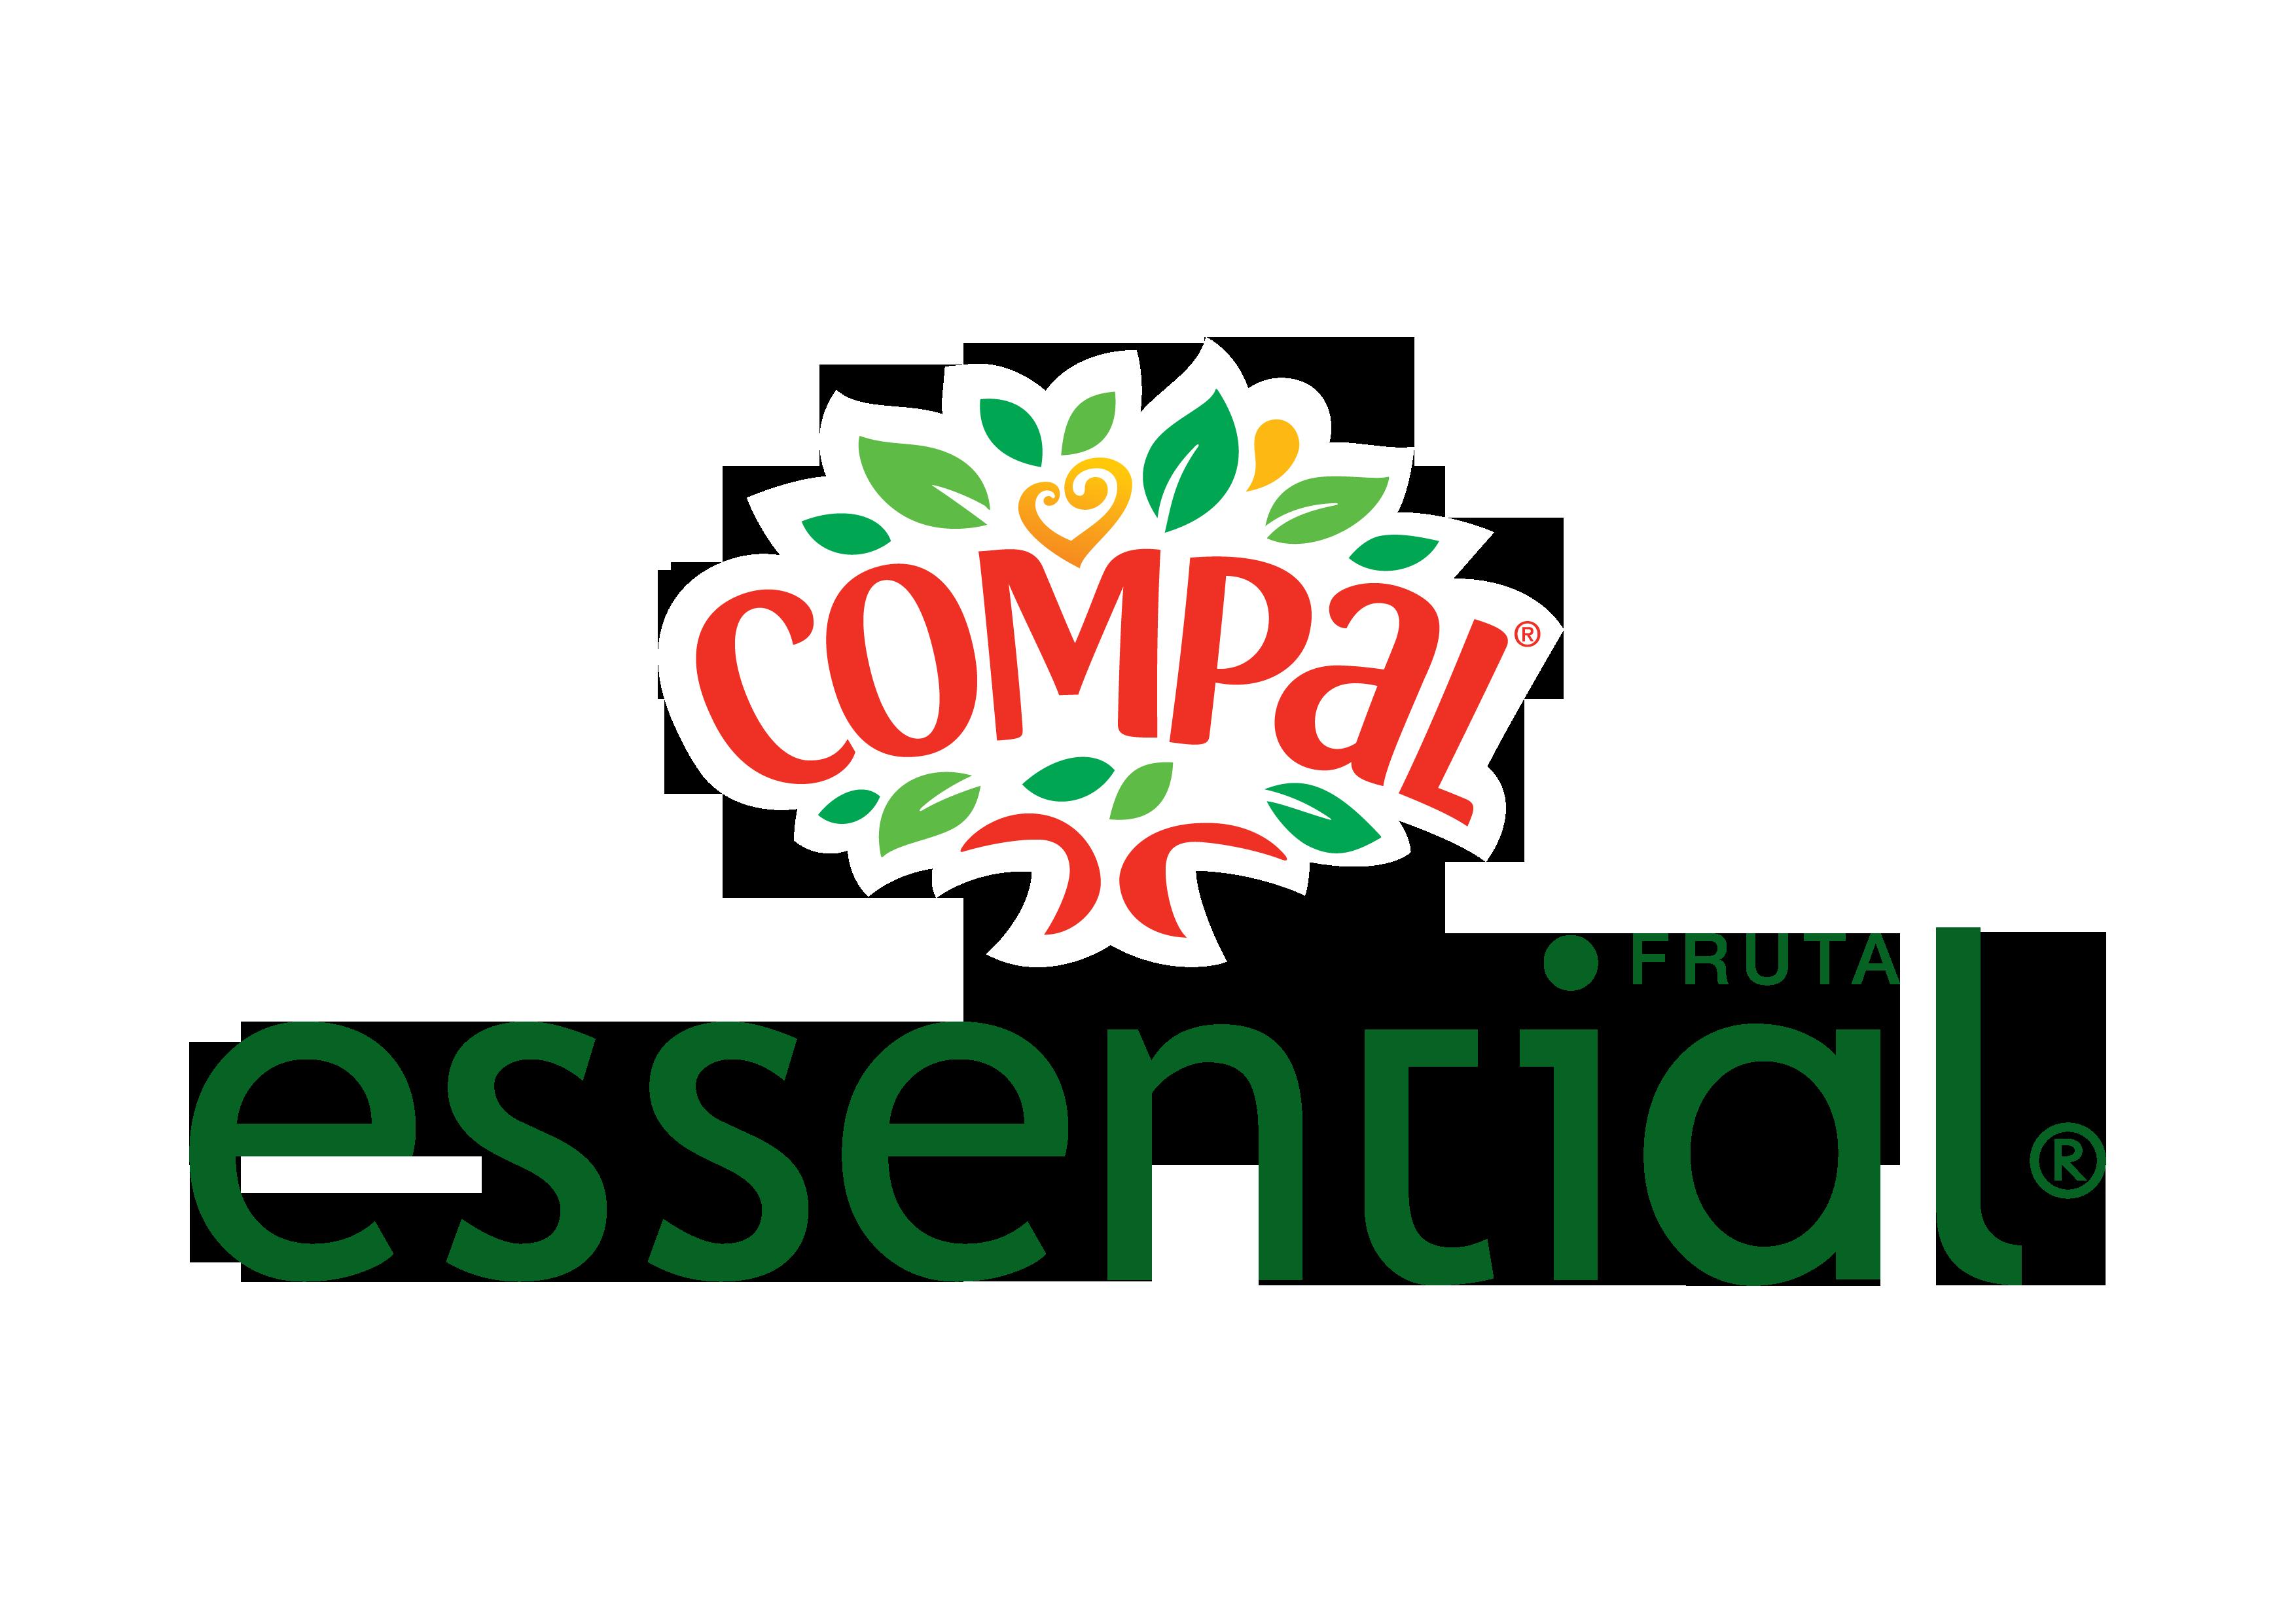 Essencial Compal